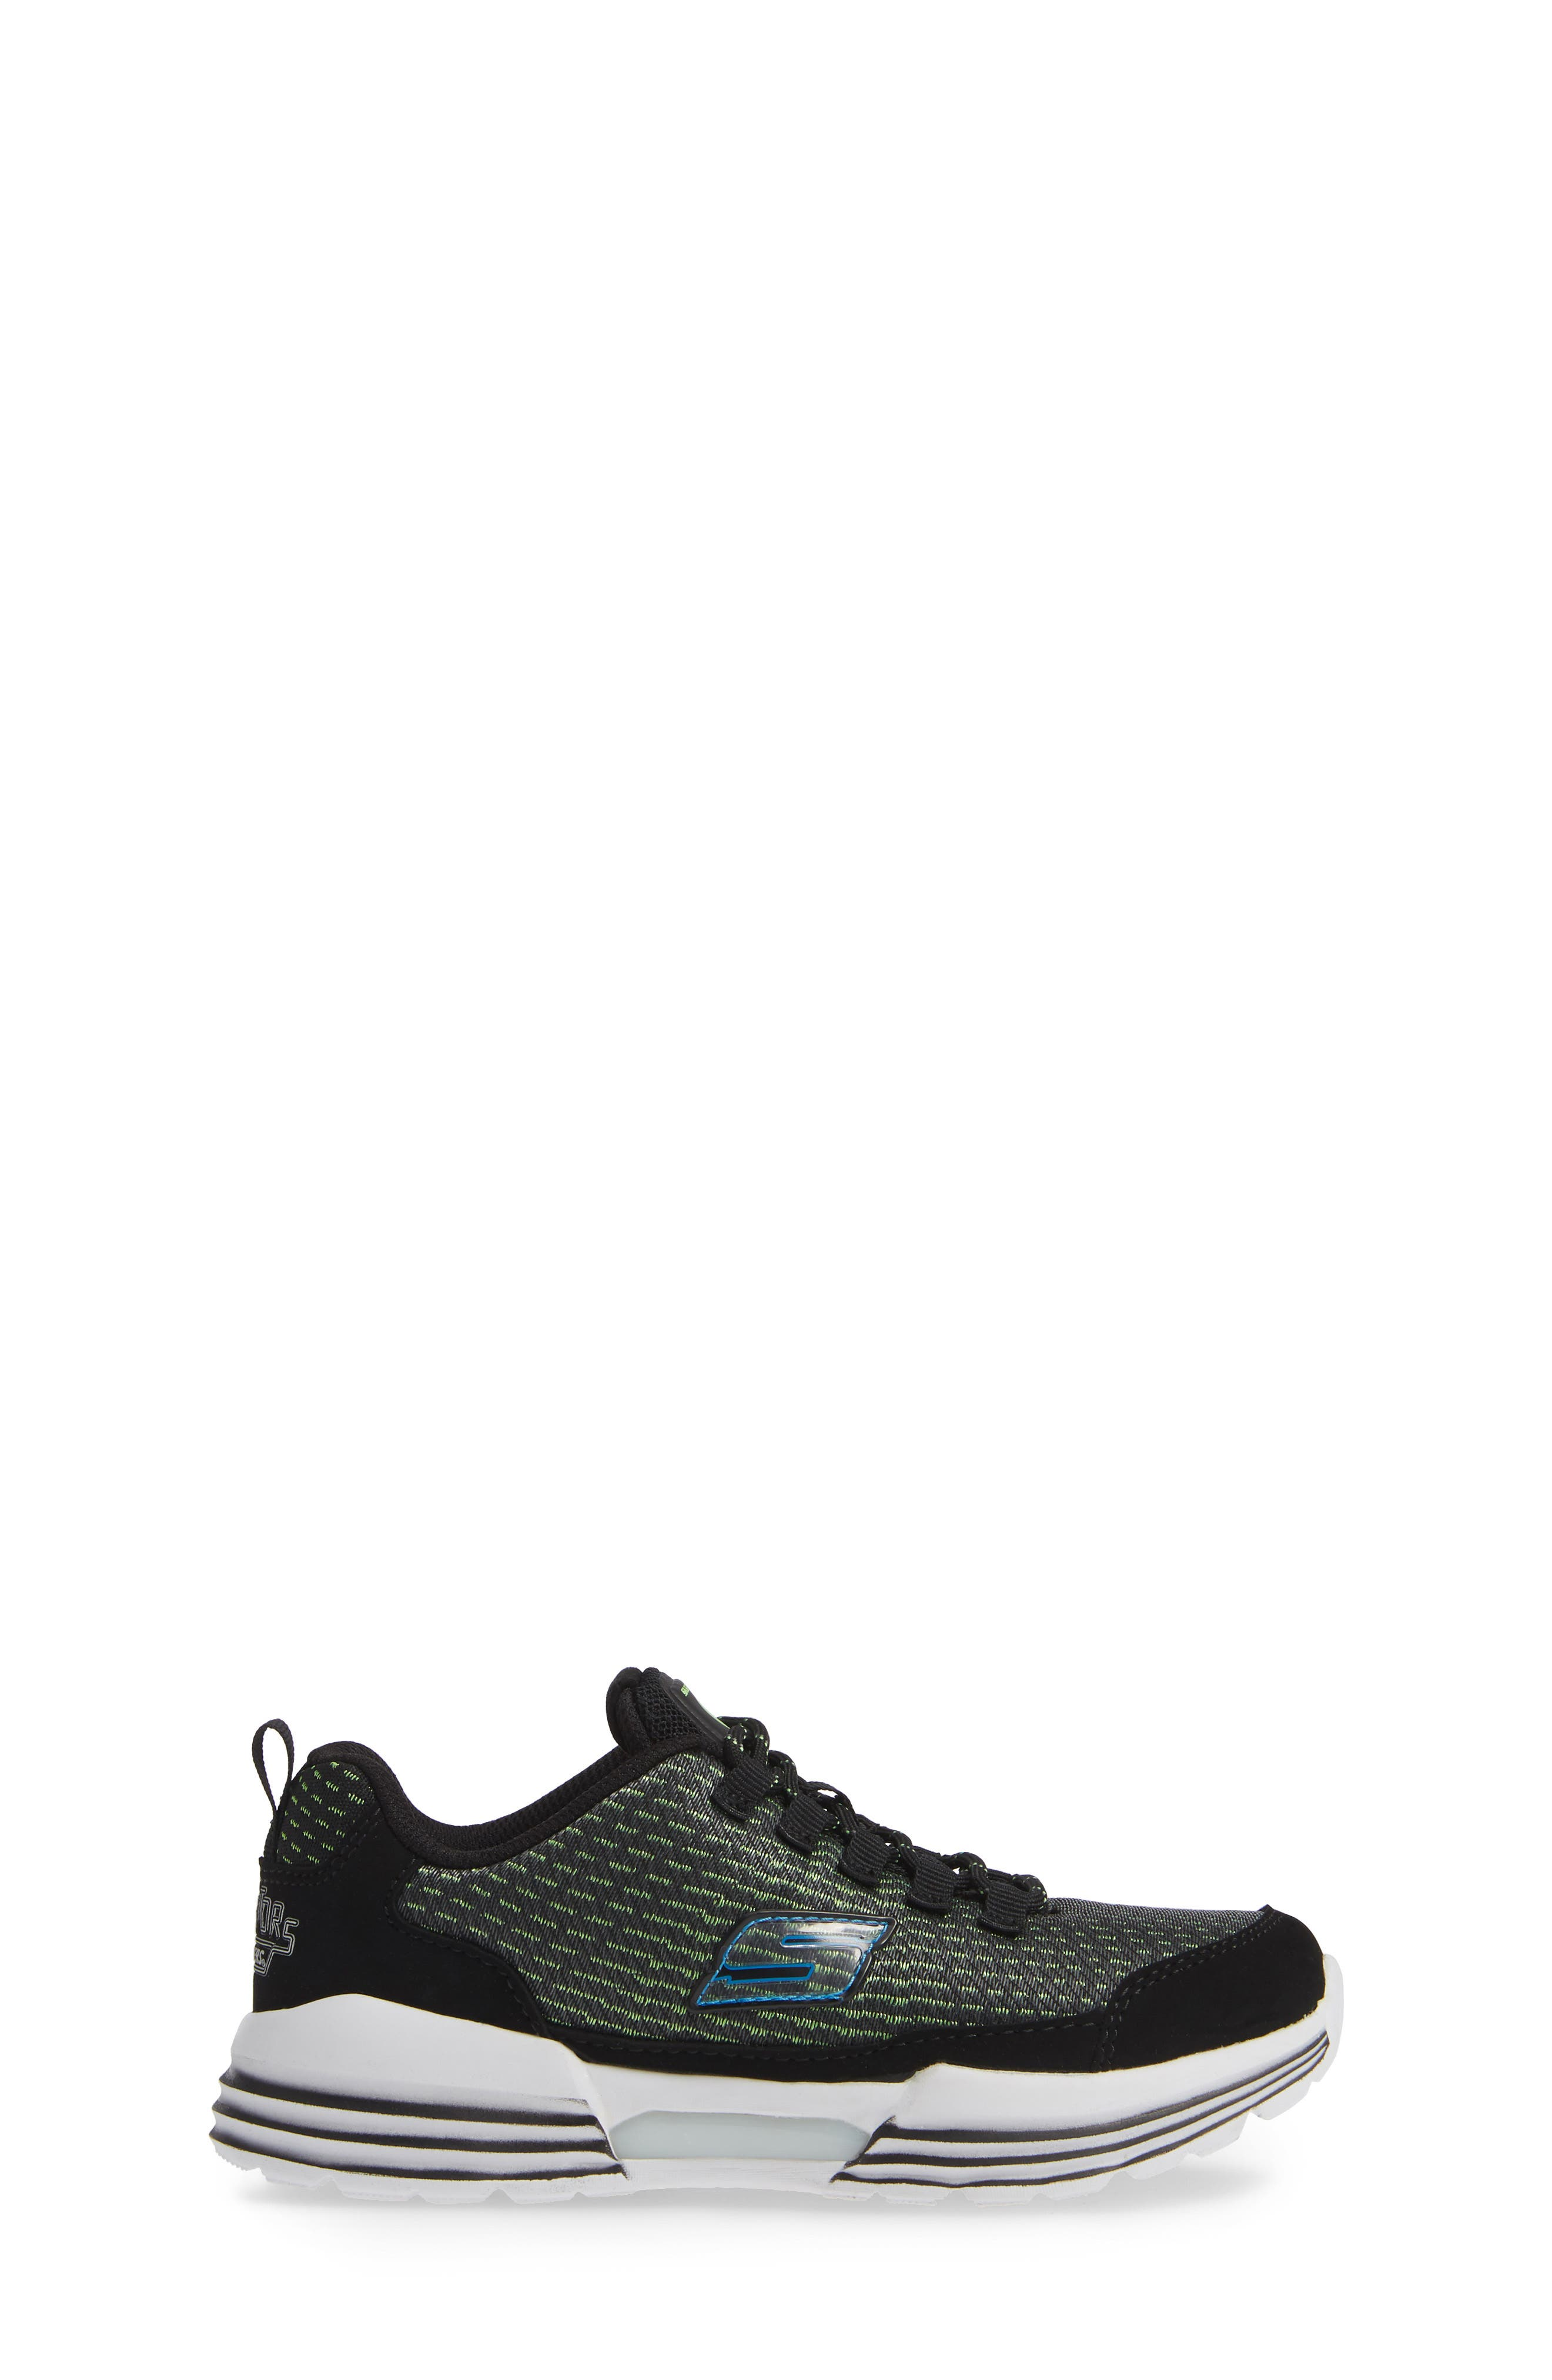 Luminators Sneaker,                             Alternate thumbnail 3, color,                             BLACK/ LIME